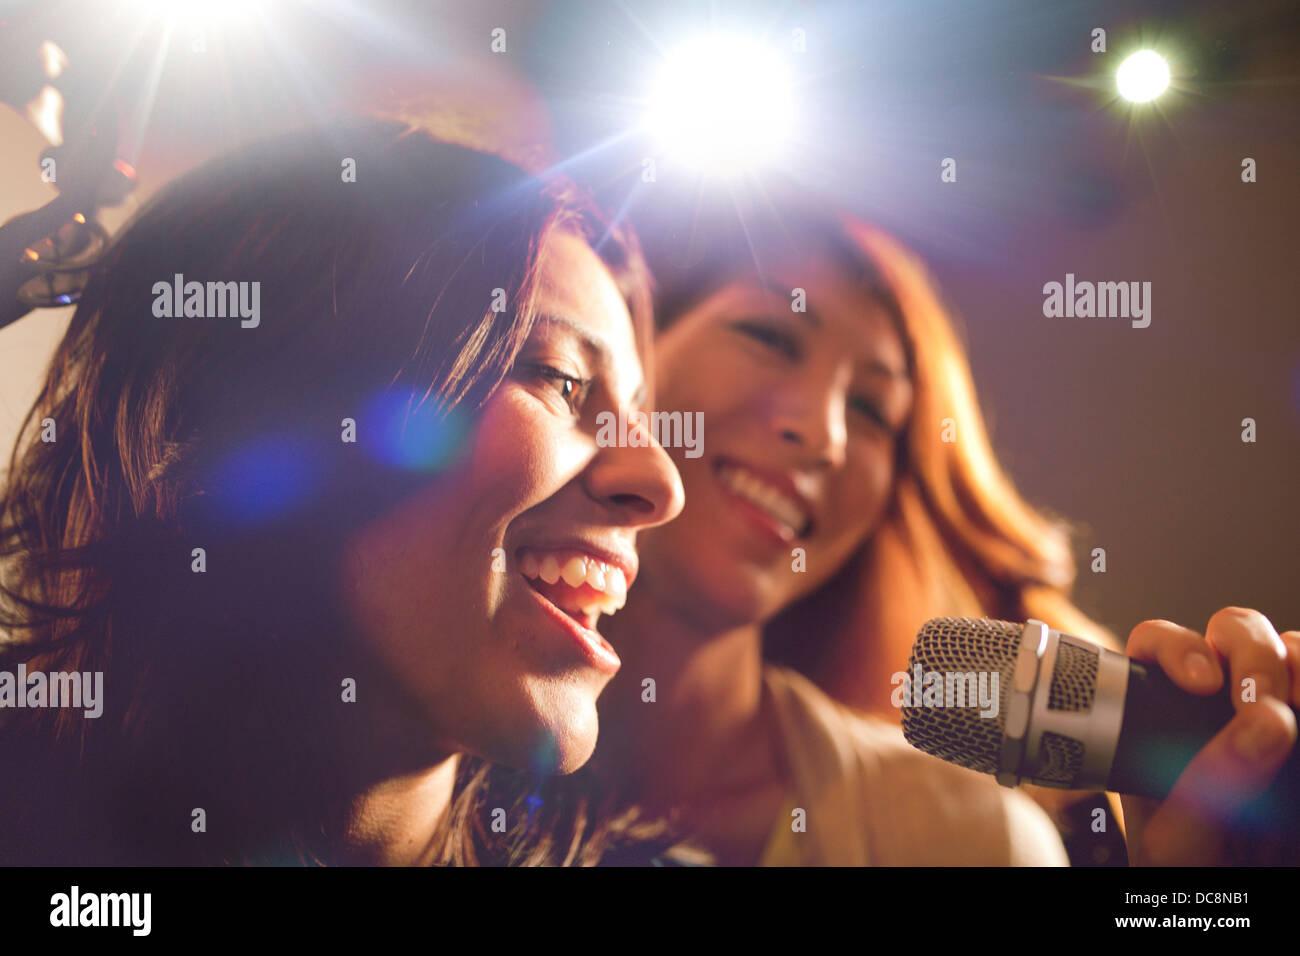 Dos mujeres cantando karaoke. Imagen De Stock